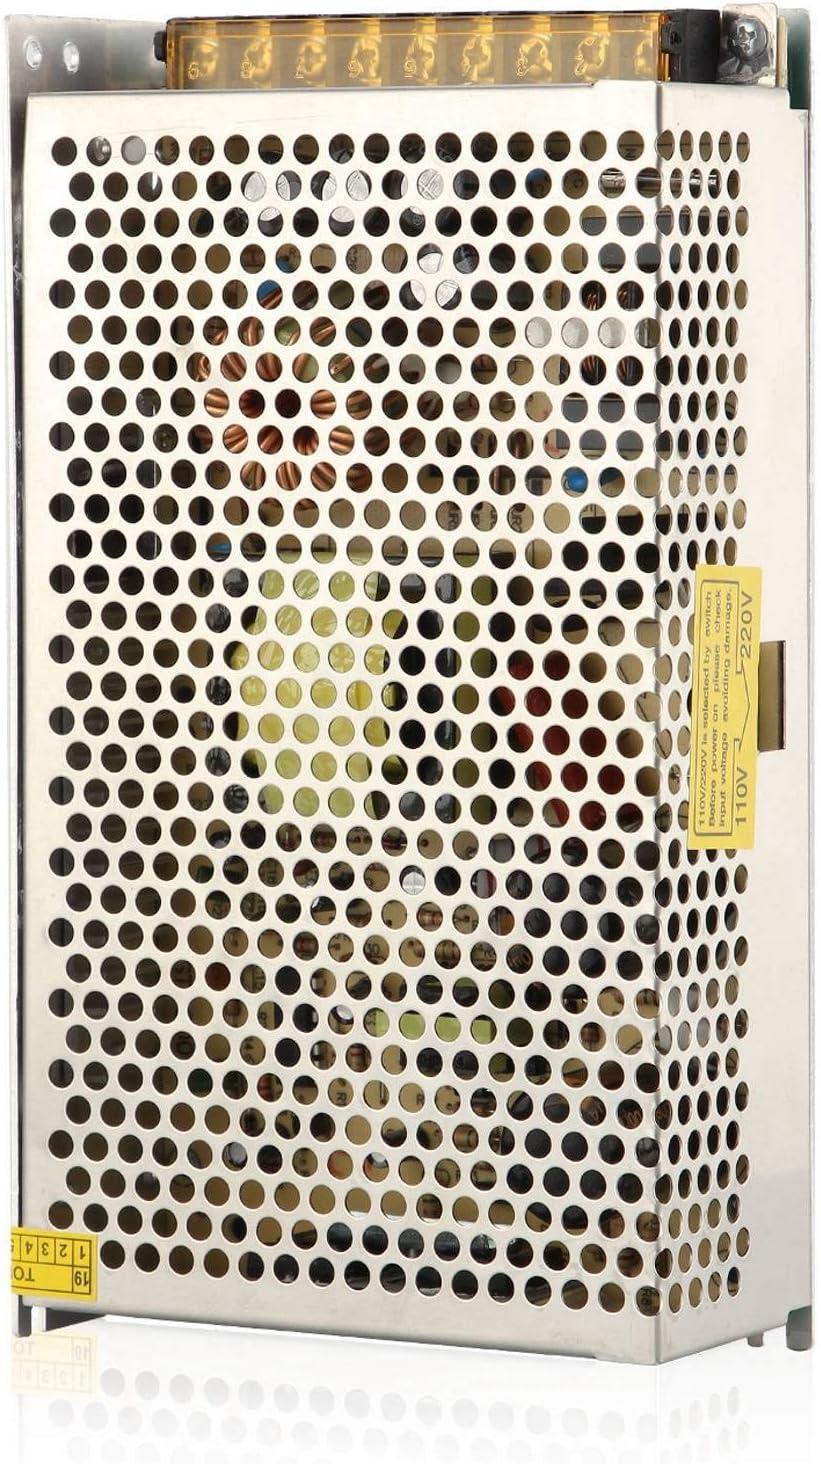 JVSISM Switching Transformador Del Adaptador De la Fuente De AlimentacióN Del Convertidor para la Luz De Tira Llevada Ac 100V / 220V una CC 12V 20A 250W Fuente Llevada De Luz De Tira Modo